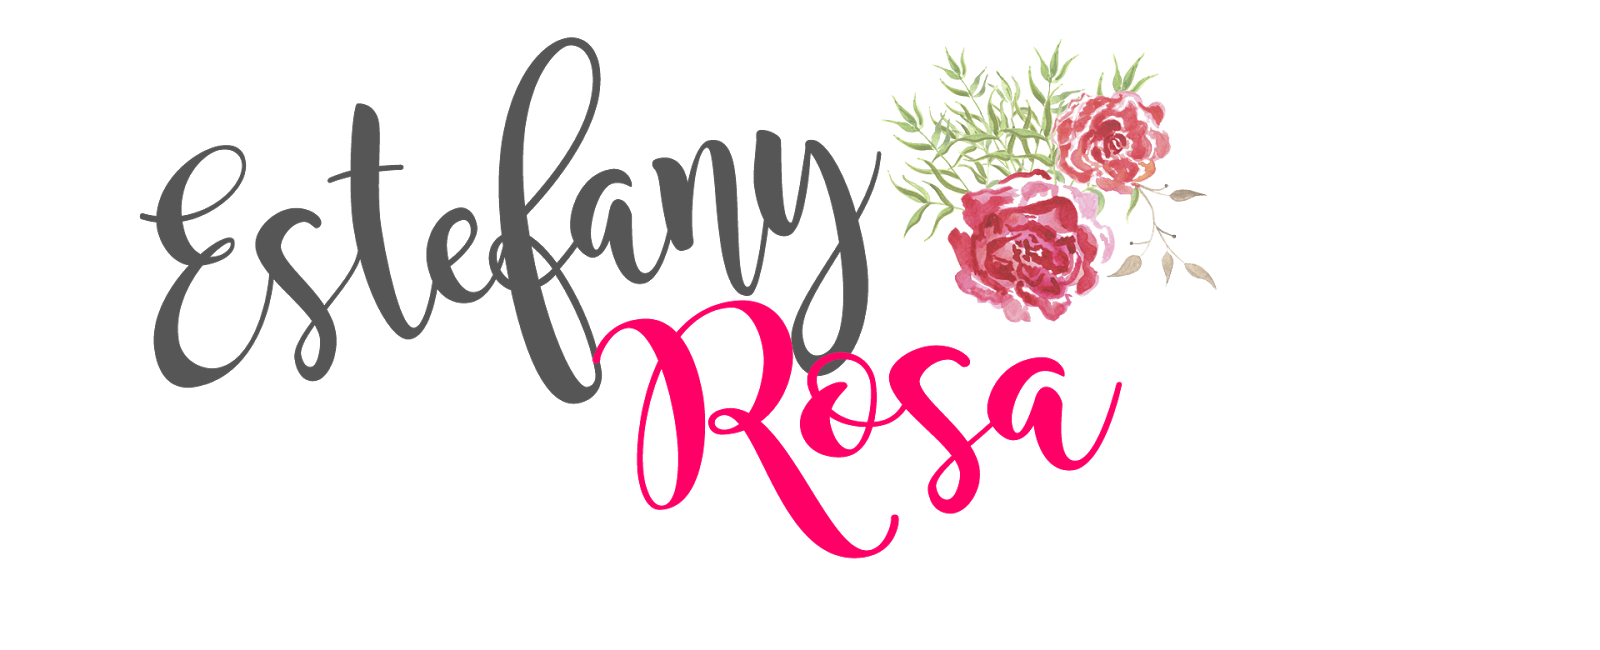 Colêtanea - Estefany Rosa